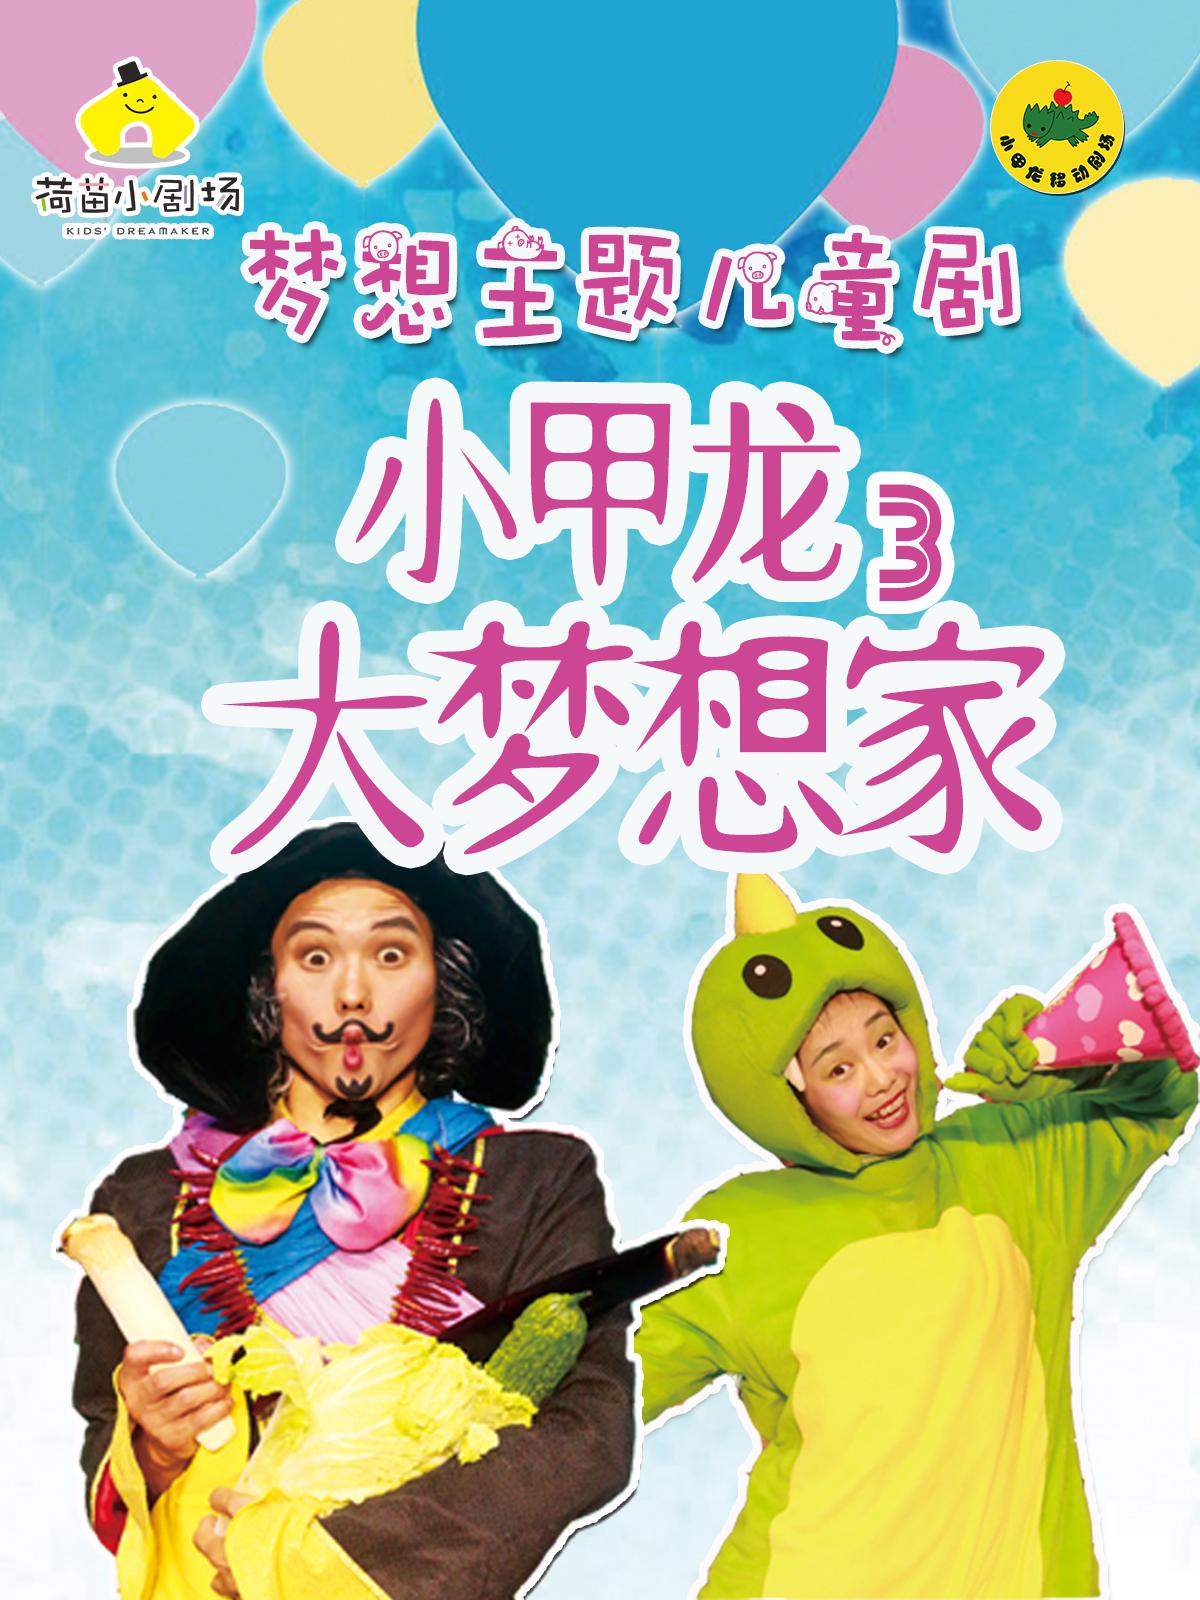 梦想启迪儿童剧《小甲龙之大梦想家》重庆站